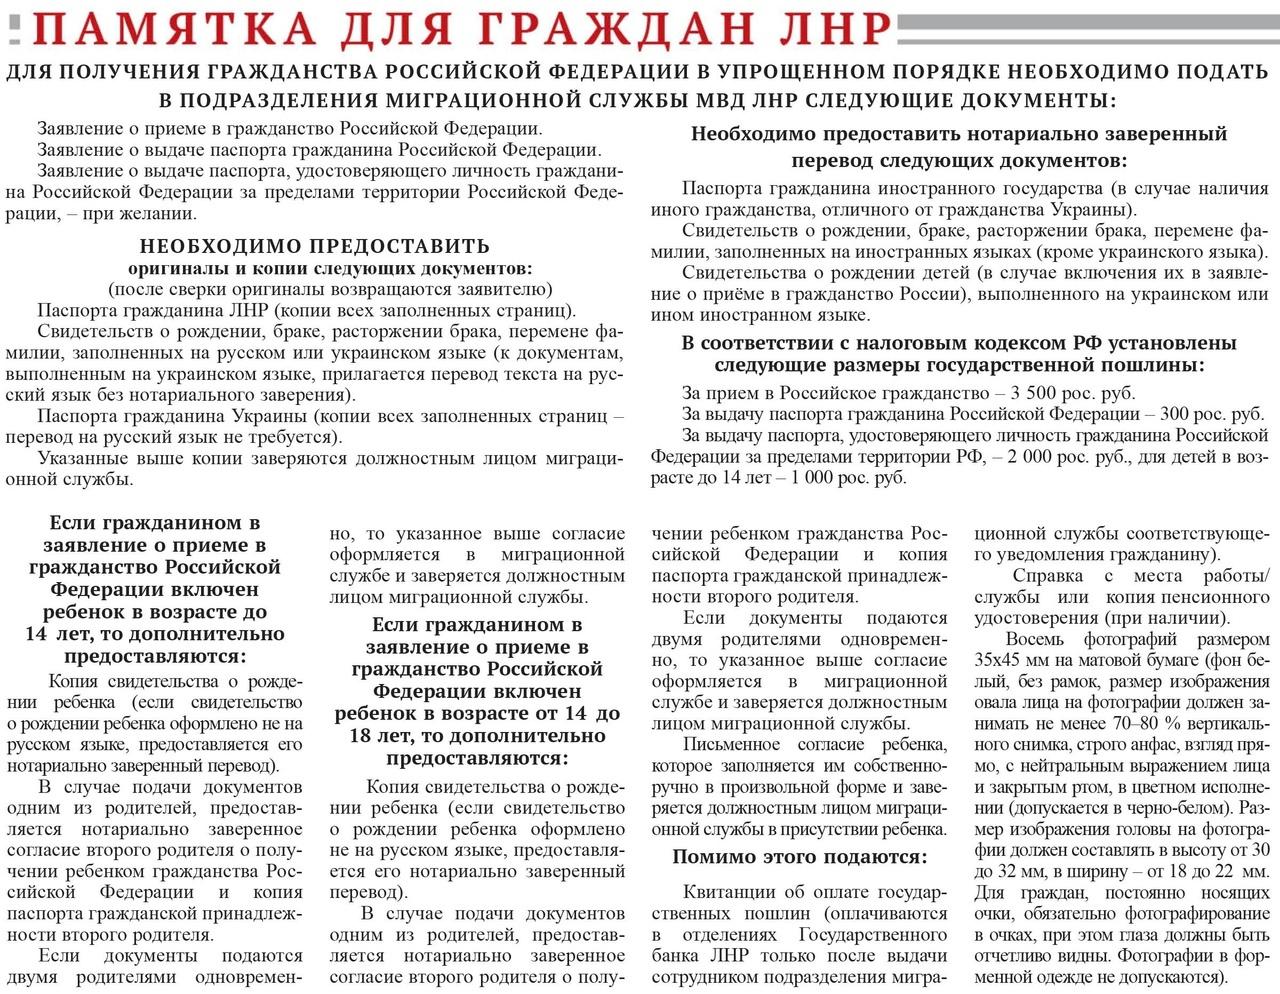 ОФОРМЛЕНИЕ ГРАЖДАНСТВА РФ. ПАМЯТКА ДЛЯ ГРАЖДАН ЛНР